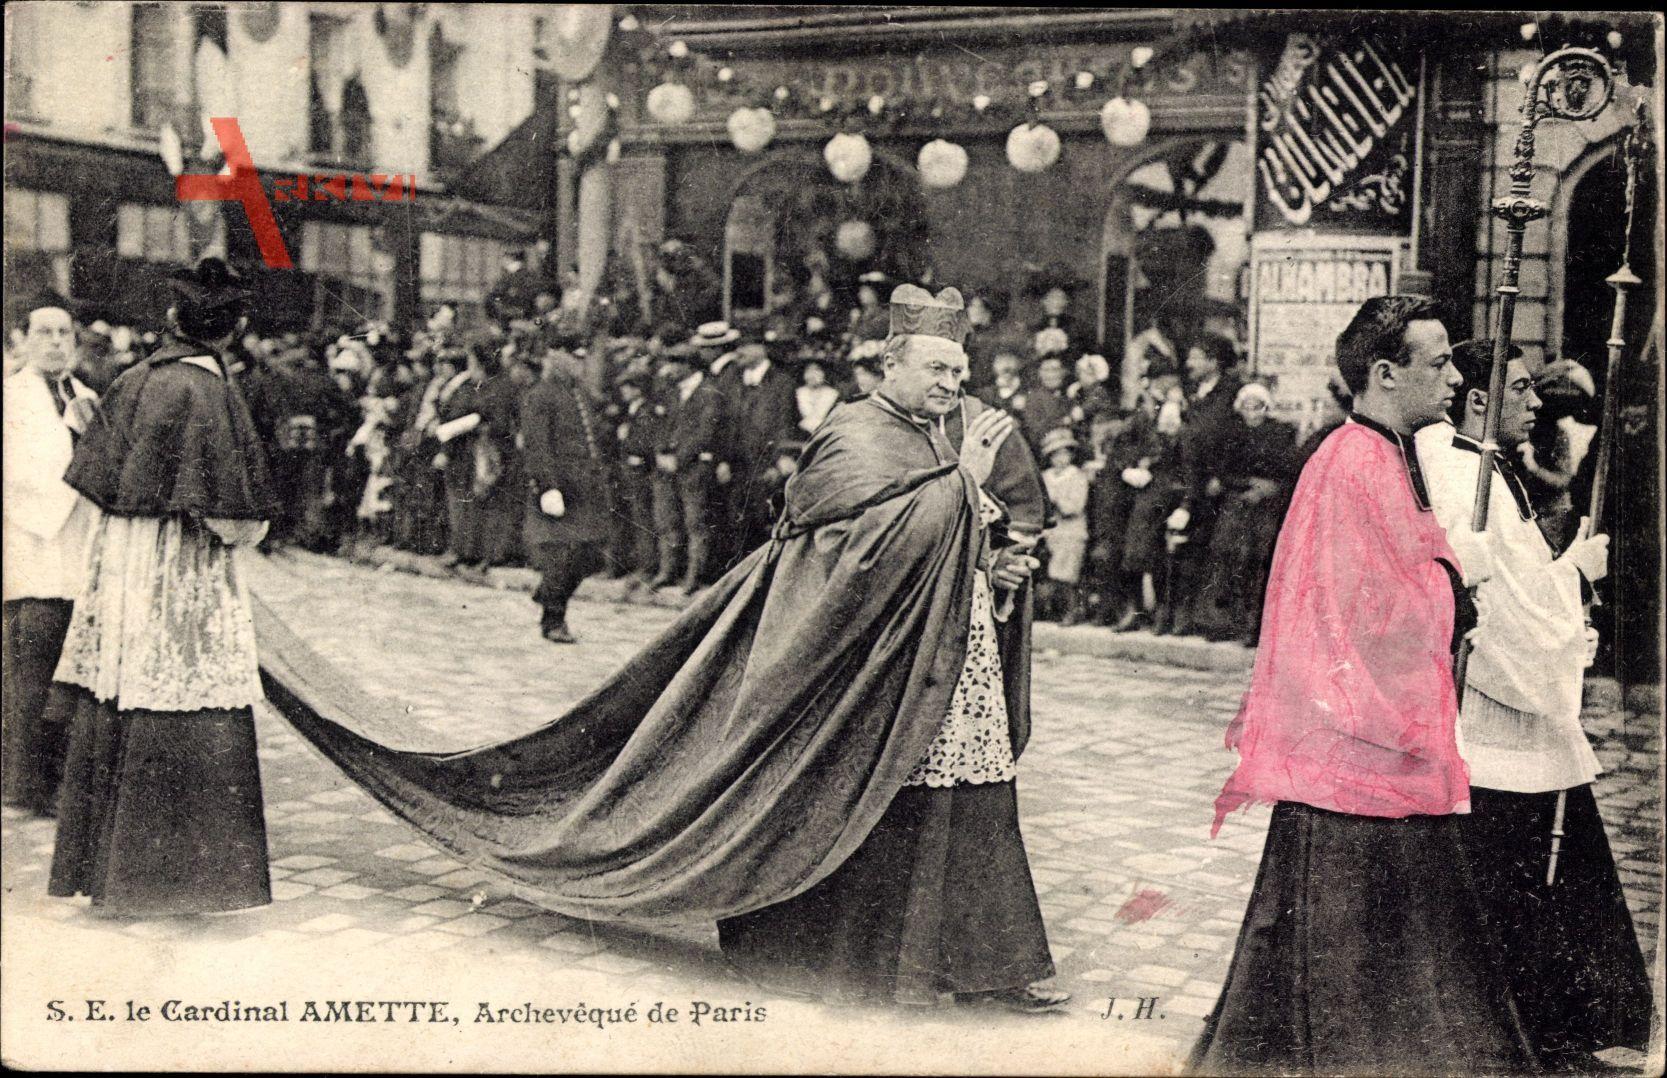 Paris, Archevêqué, S.E. le Cardinal Amette, Kardinal, Prozession